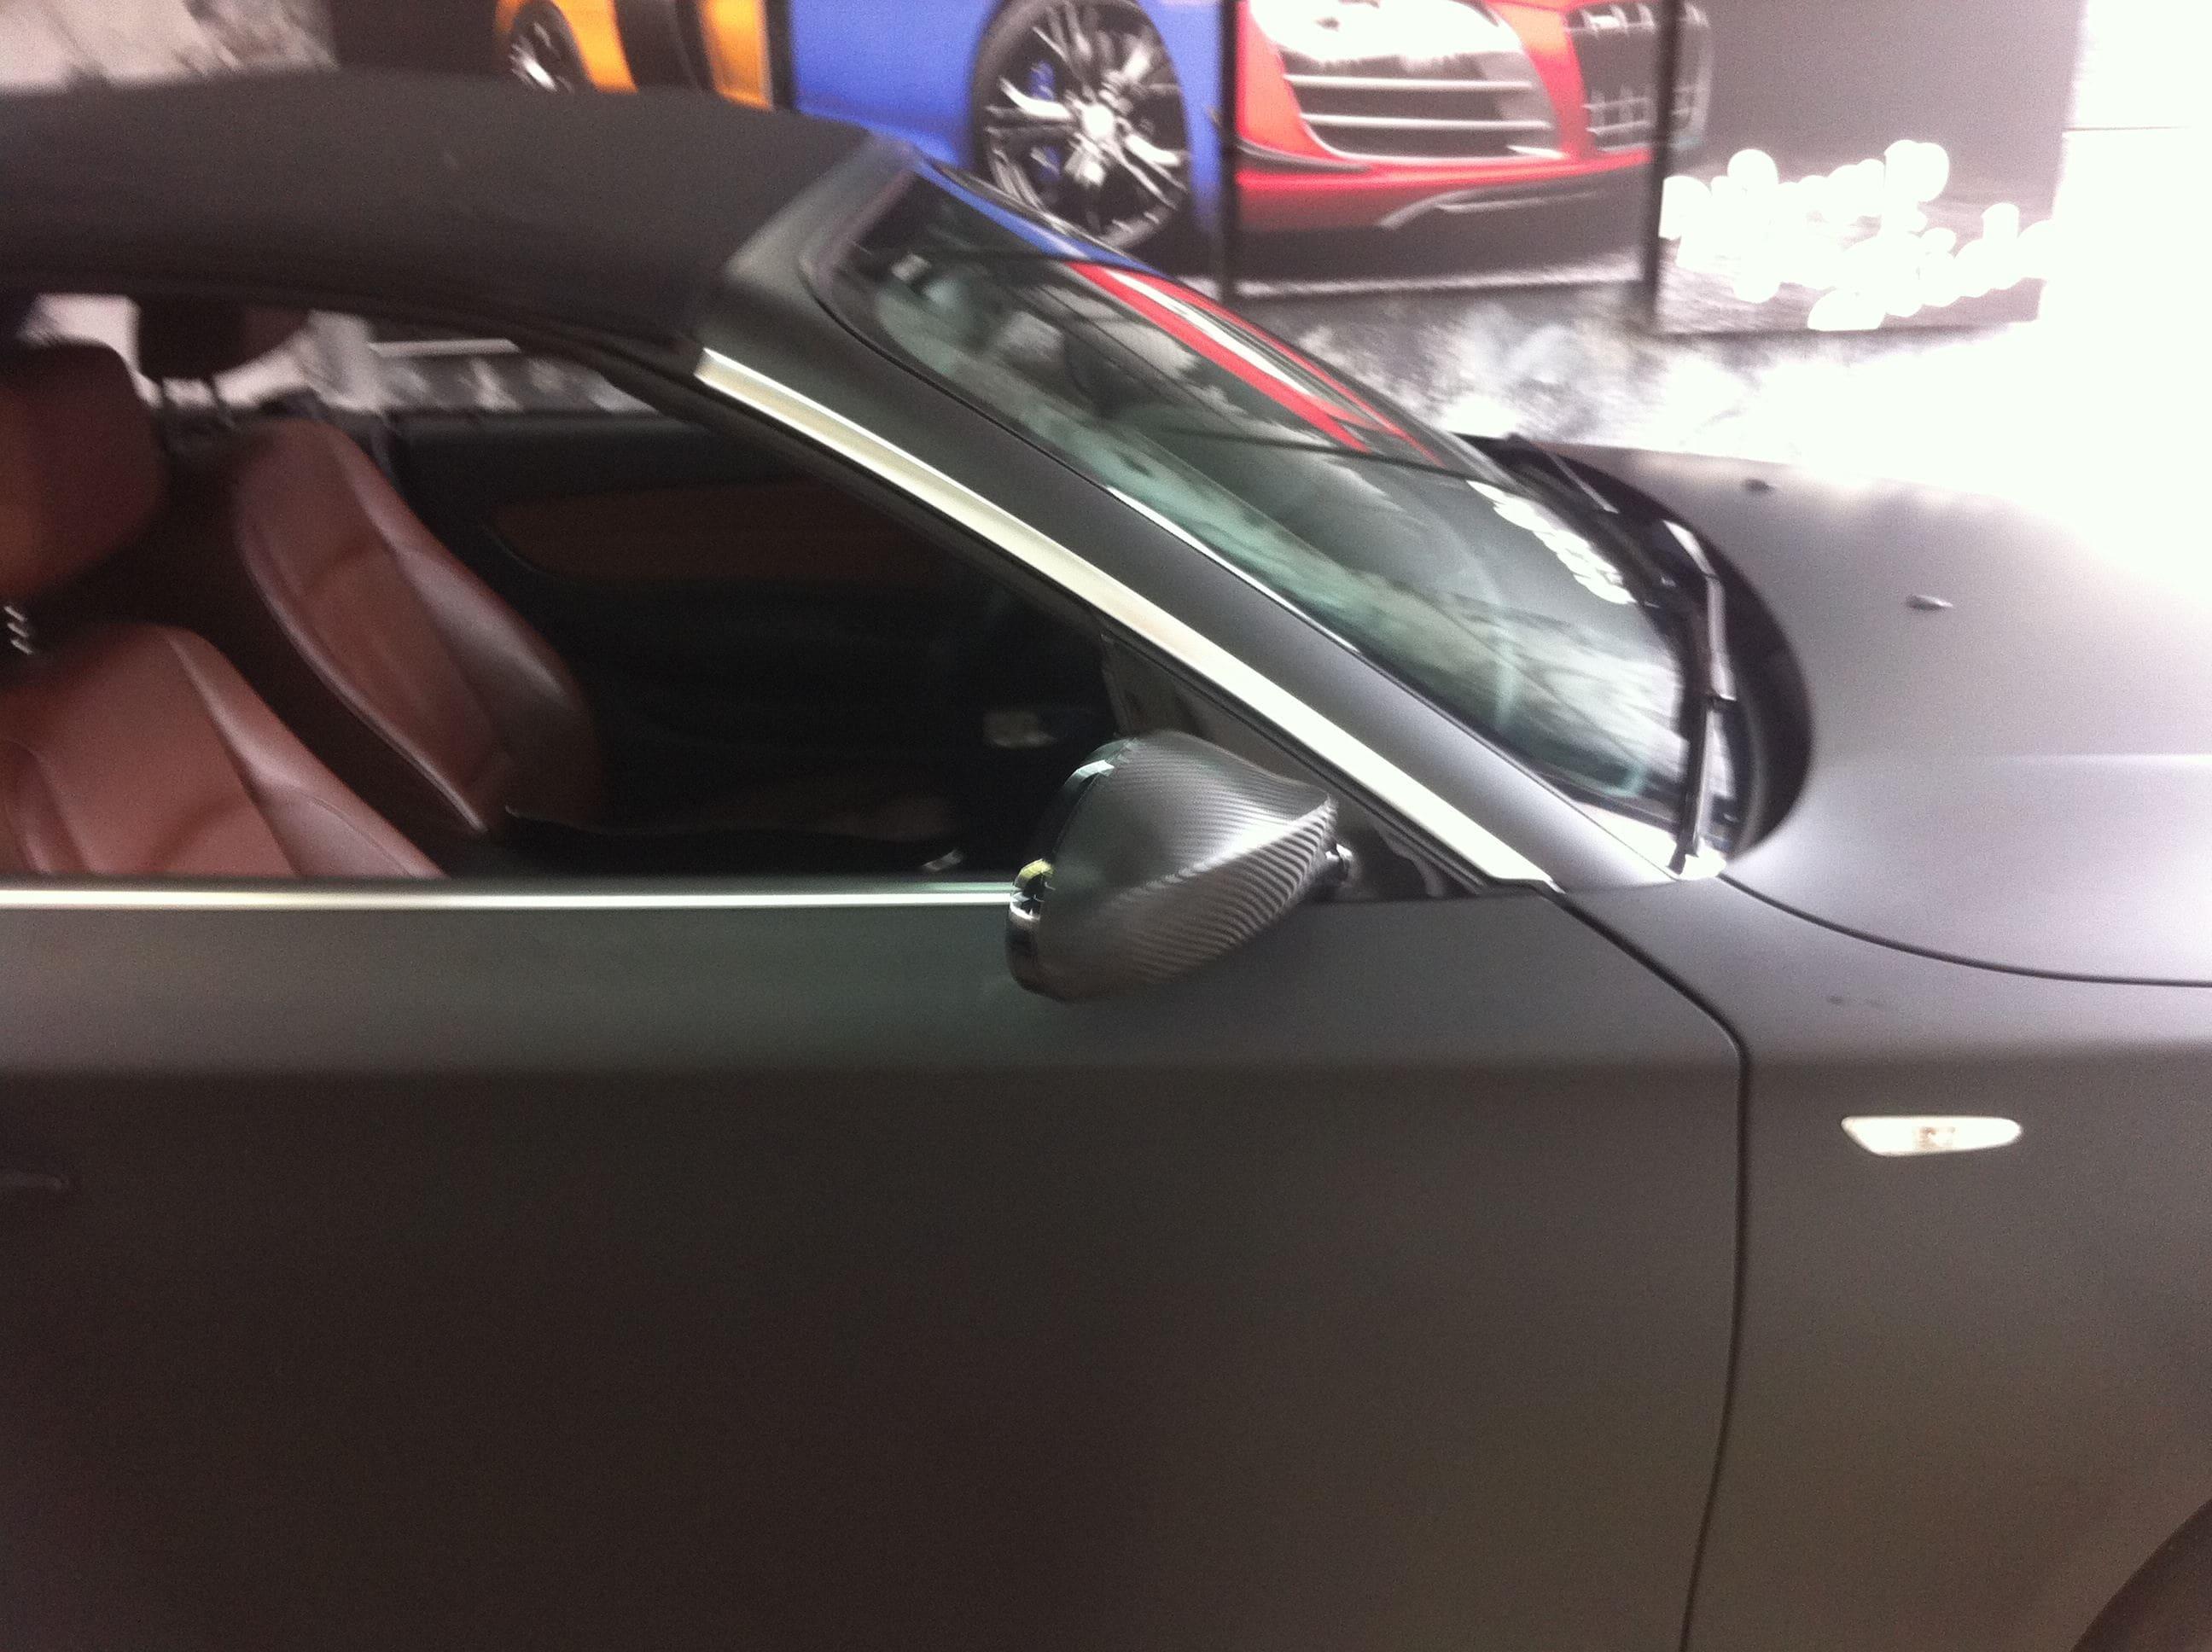 BMW 1 Serie Cabrio met Mat Zwarte Wrap, Carwrapping door Wrapmyride.nu Foto-nr:5184, ©2021